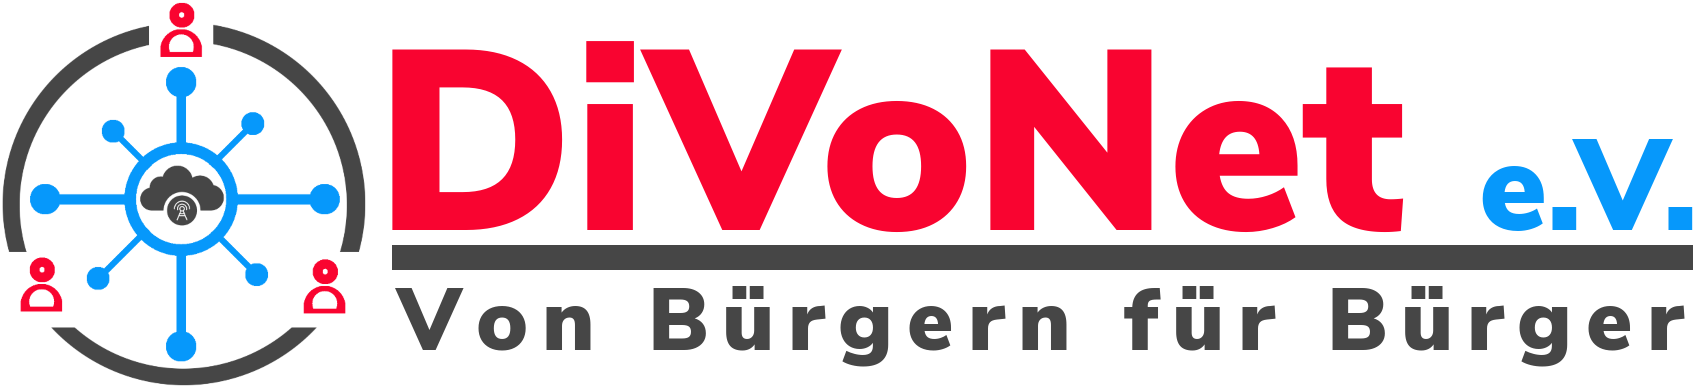 DiVoNet.de